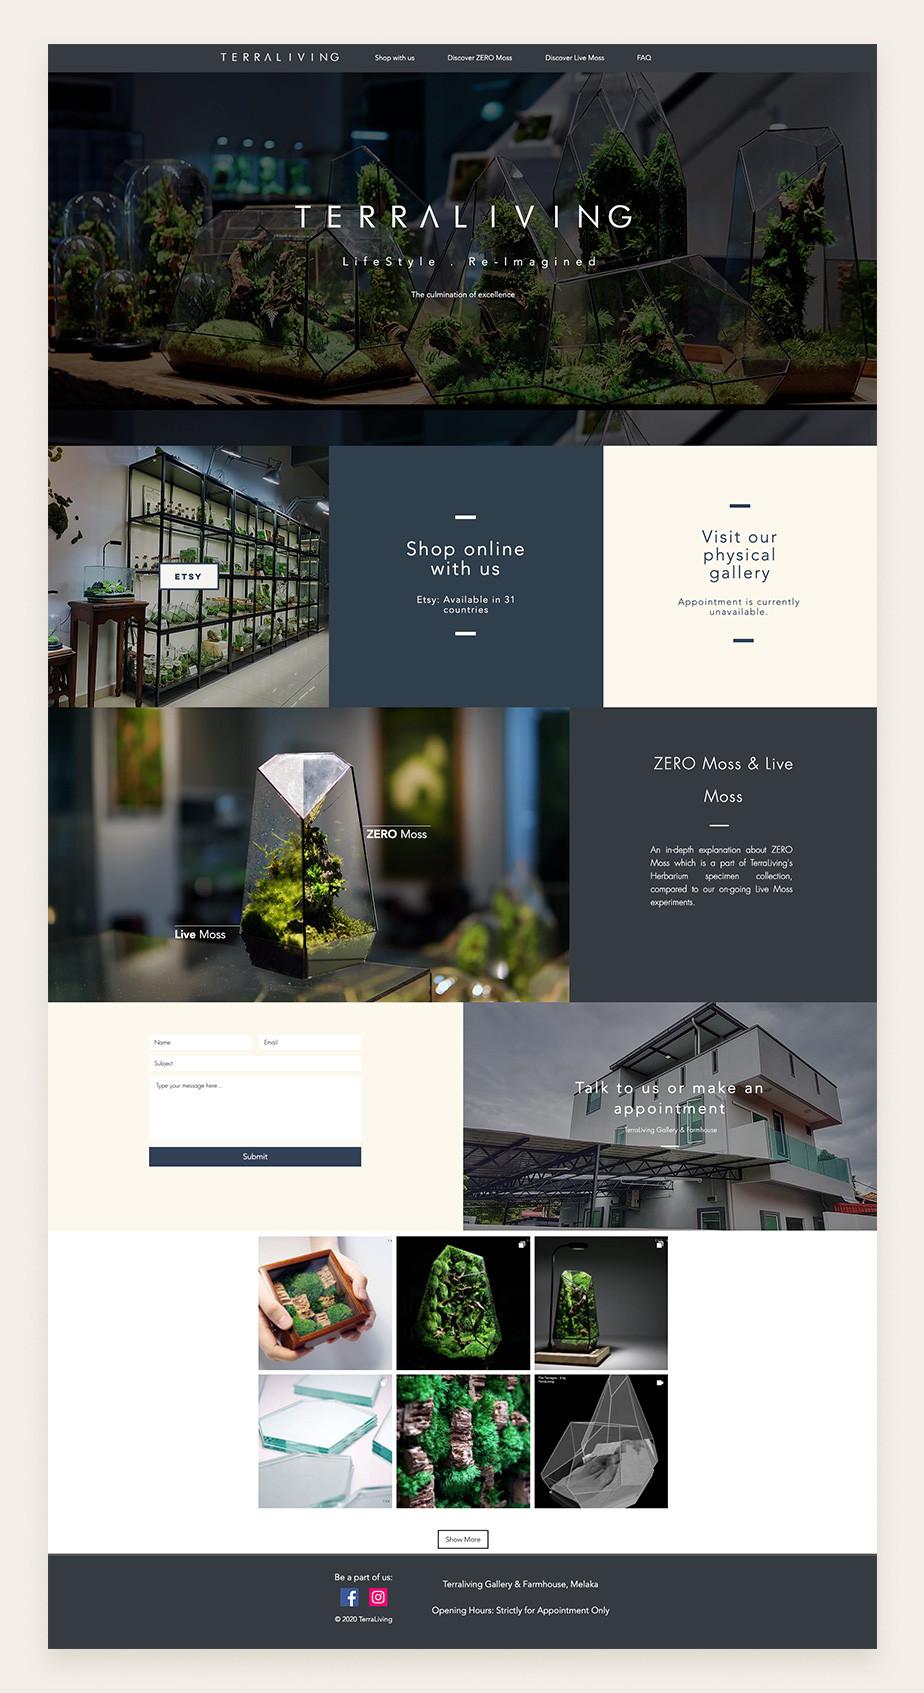 Ejemplo de sitio web de TerraLiving basado en una plantilla de Wix